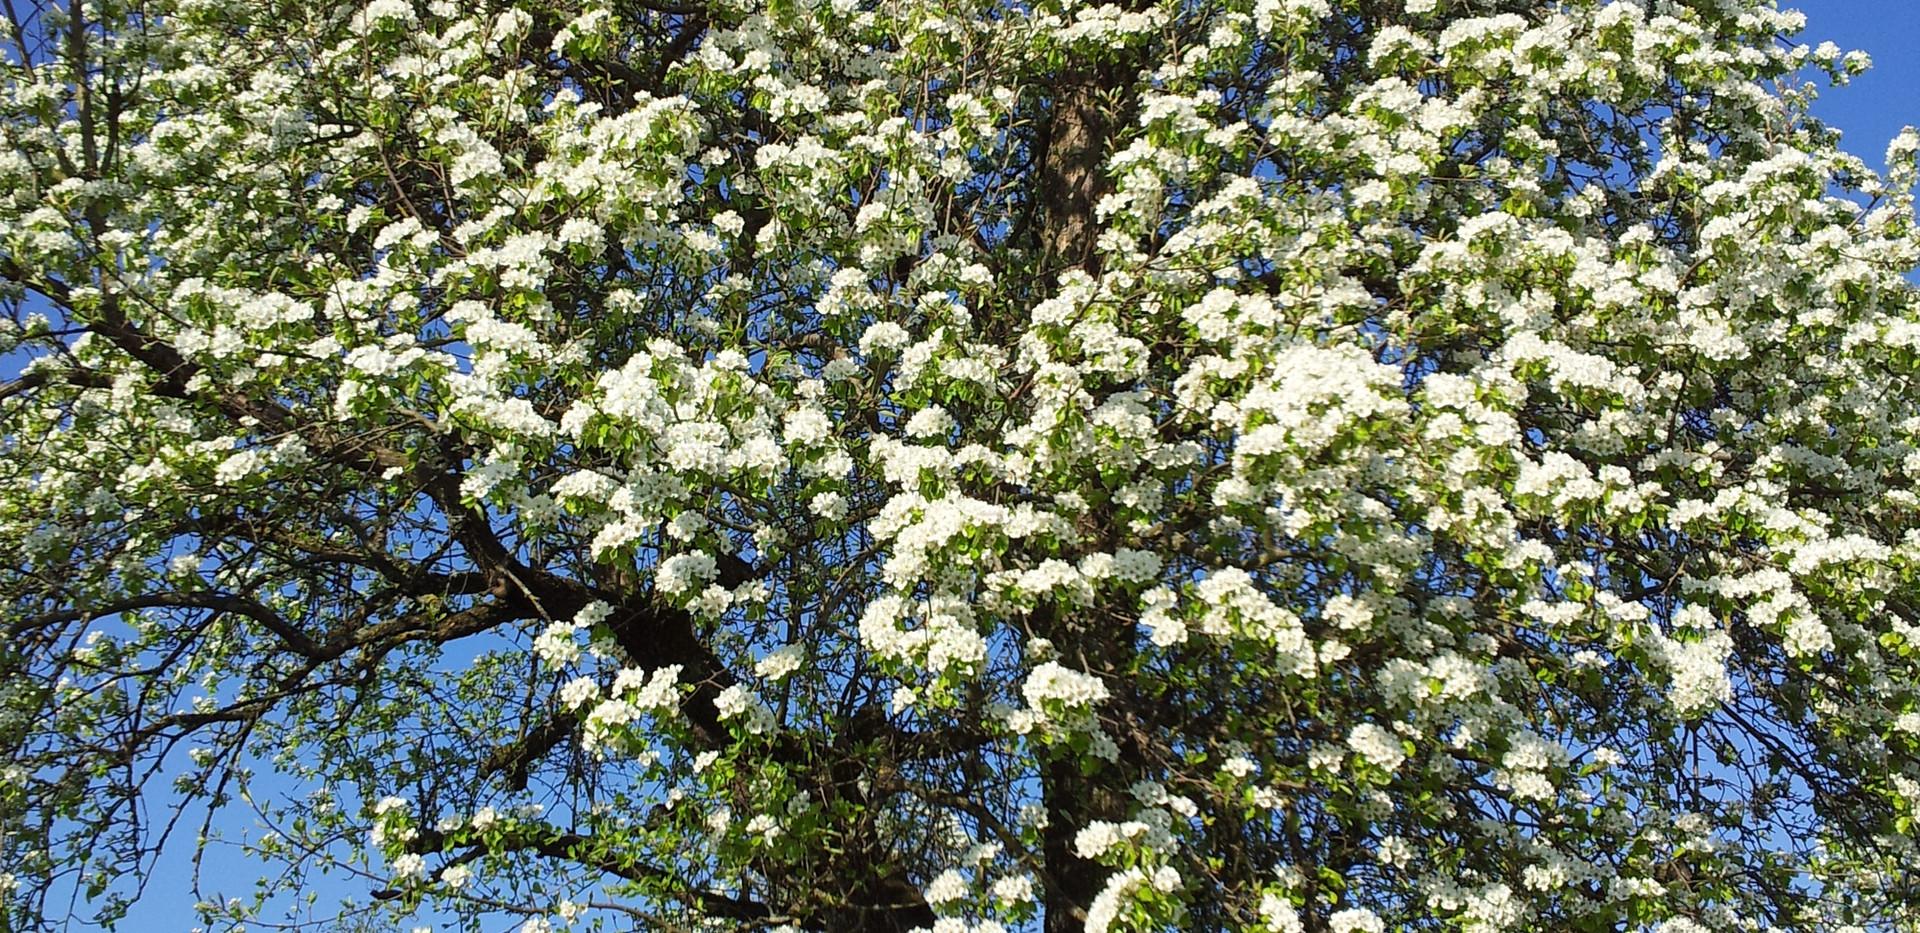 Obstbaumblüte_direkt_hinter_dem_Haus.jpg